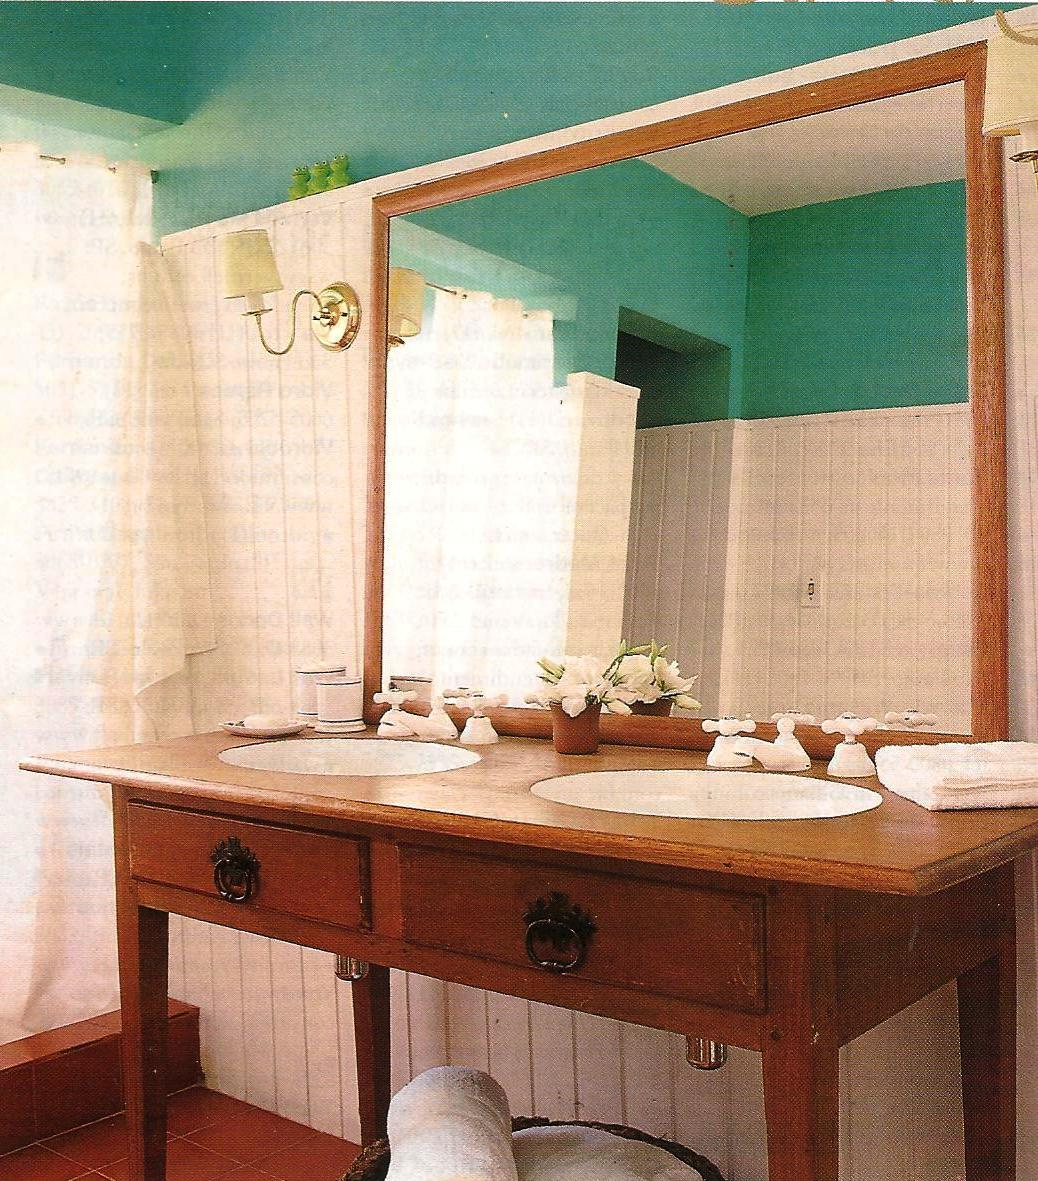 Babuchy Decor: Ainda Sobre Banheiros  #A1642A 1038x1181 Banheiro Antigo Decoração